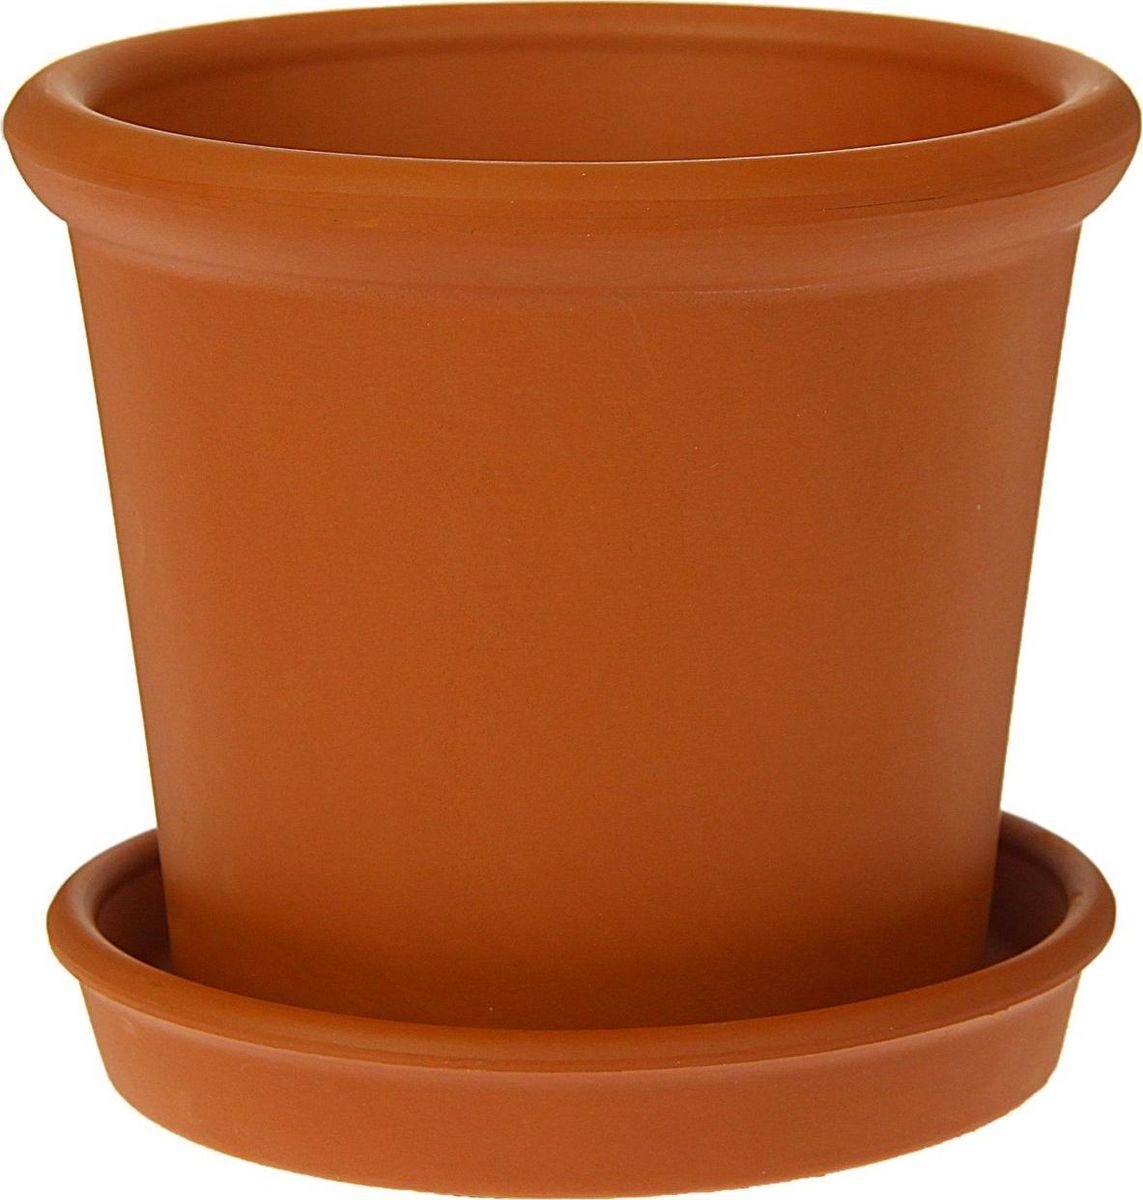 Кашпо Керамика ручной работы Ирис, цвет: коричневый, 0,6 л1354692Комнатные растения — всеобщие любимцы. Они радуют глаз, насыщают помещение кислородом и украшают пространство. Каждому из них необходим свой удобный и красивый дом. Кашпо из керамики прекрасно подходят для высадки растений: за счёт пластичности глины и разных способов обработки существует великое множество форм и дизайновпористый материал позволяет испаряться лишней влагевоздух, необходимый для дыхания корней, проникает сквозь керамические стенки! #name# позаботится о зелёном питомце, освежит интерьер и подчеркнёт его стиль.